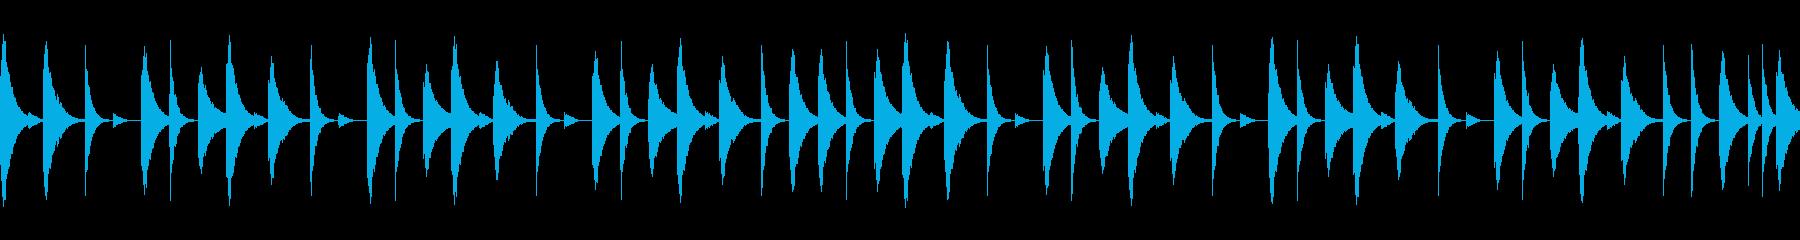 808音源を使用したシンプルなリズム04の再生済みの波形